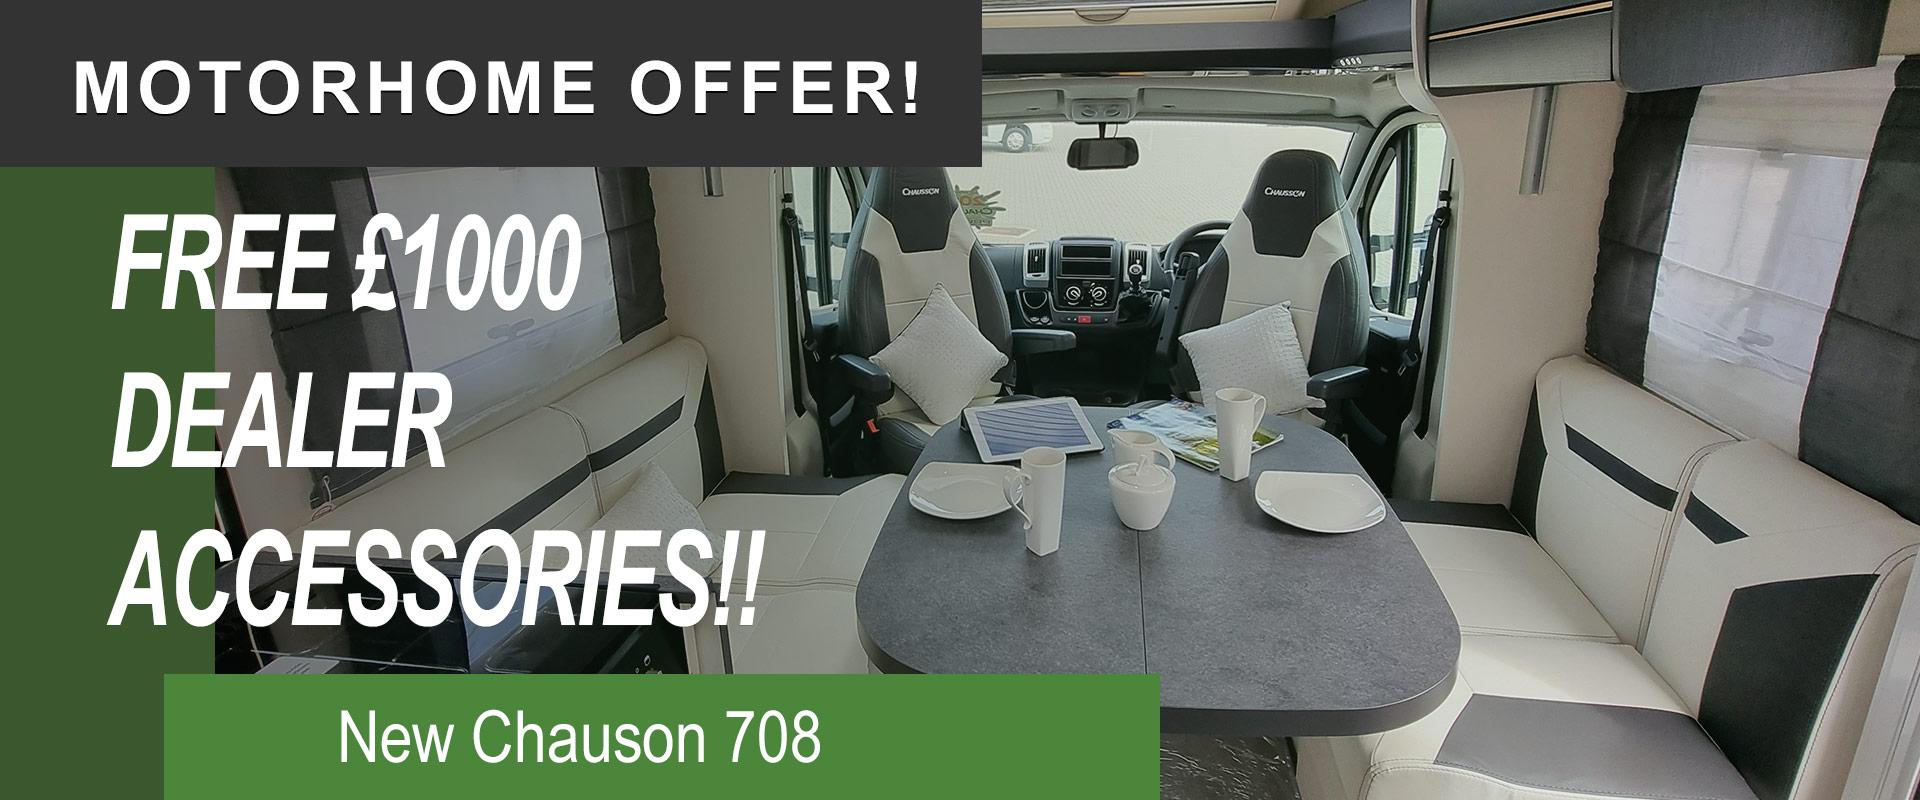 Chausson 708 Dealer Offer